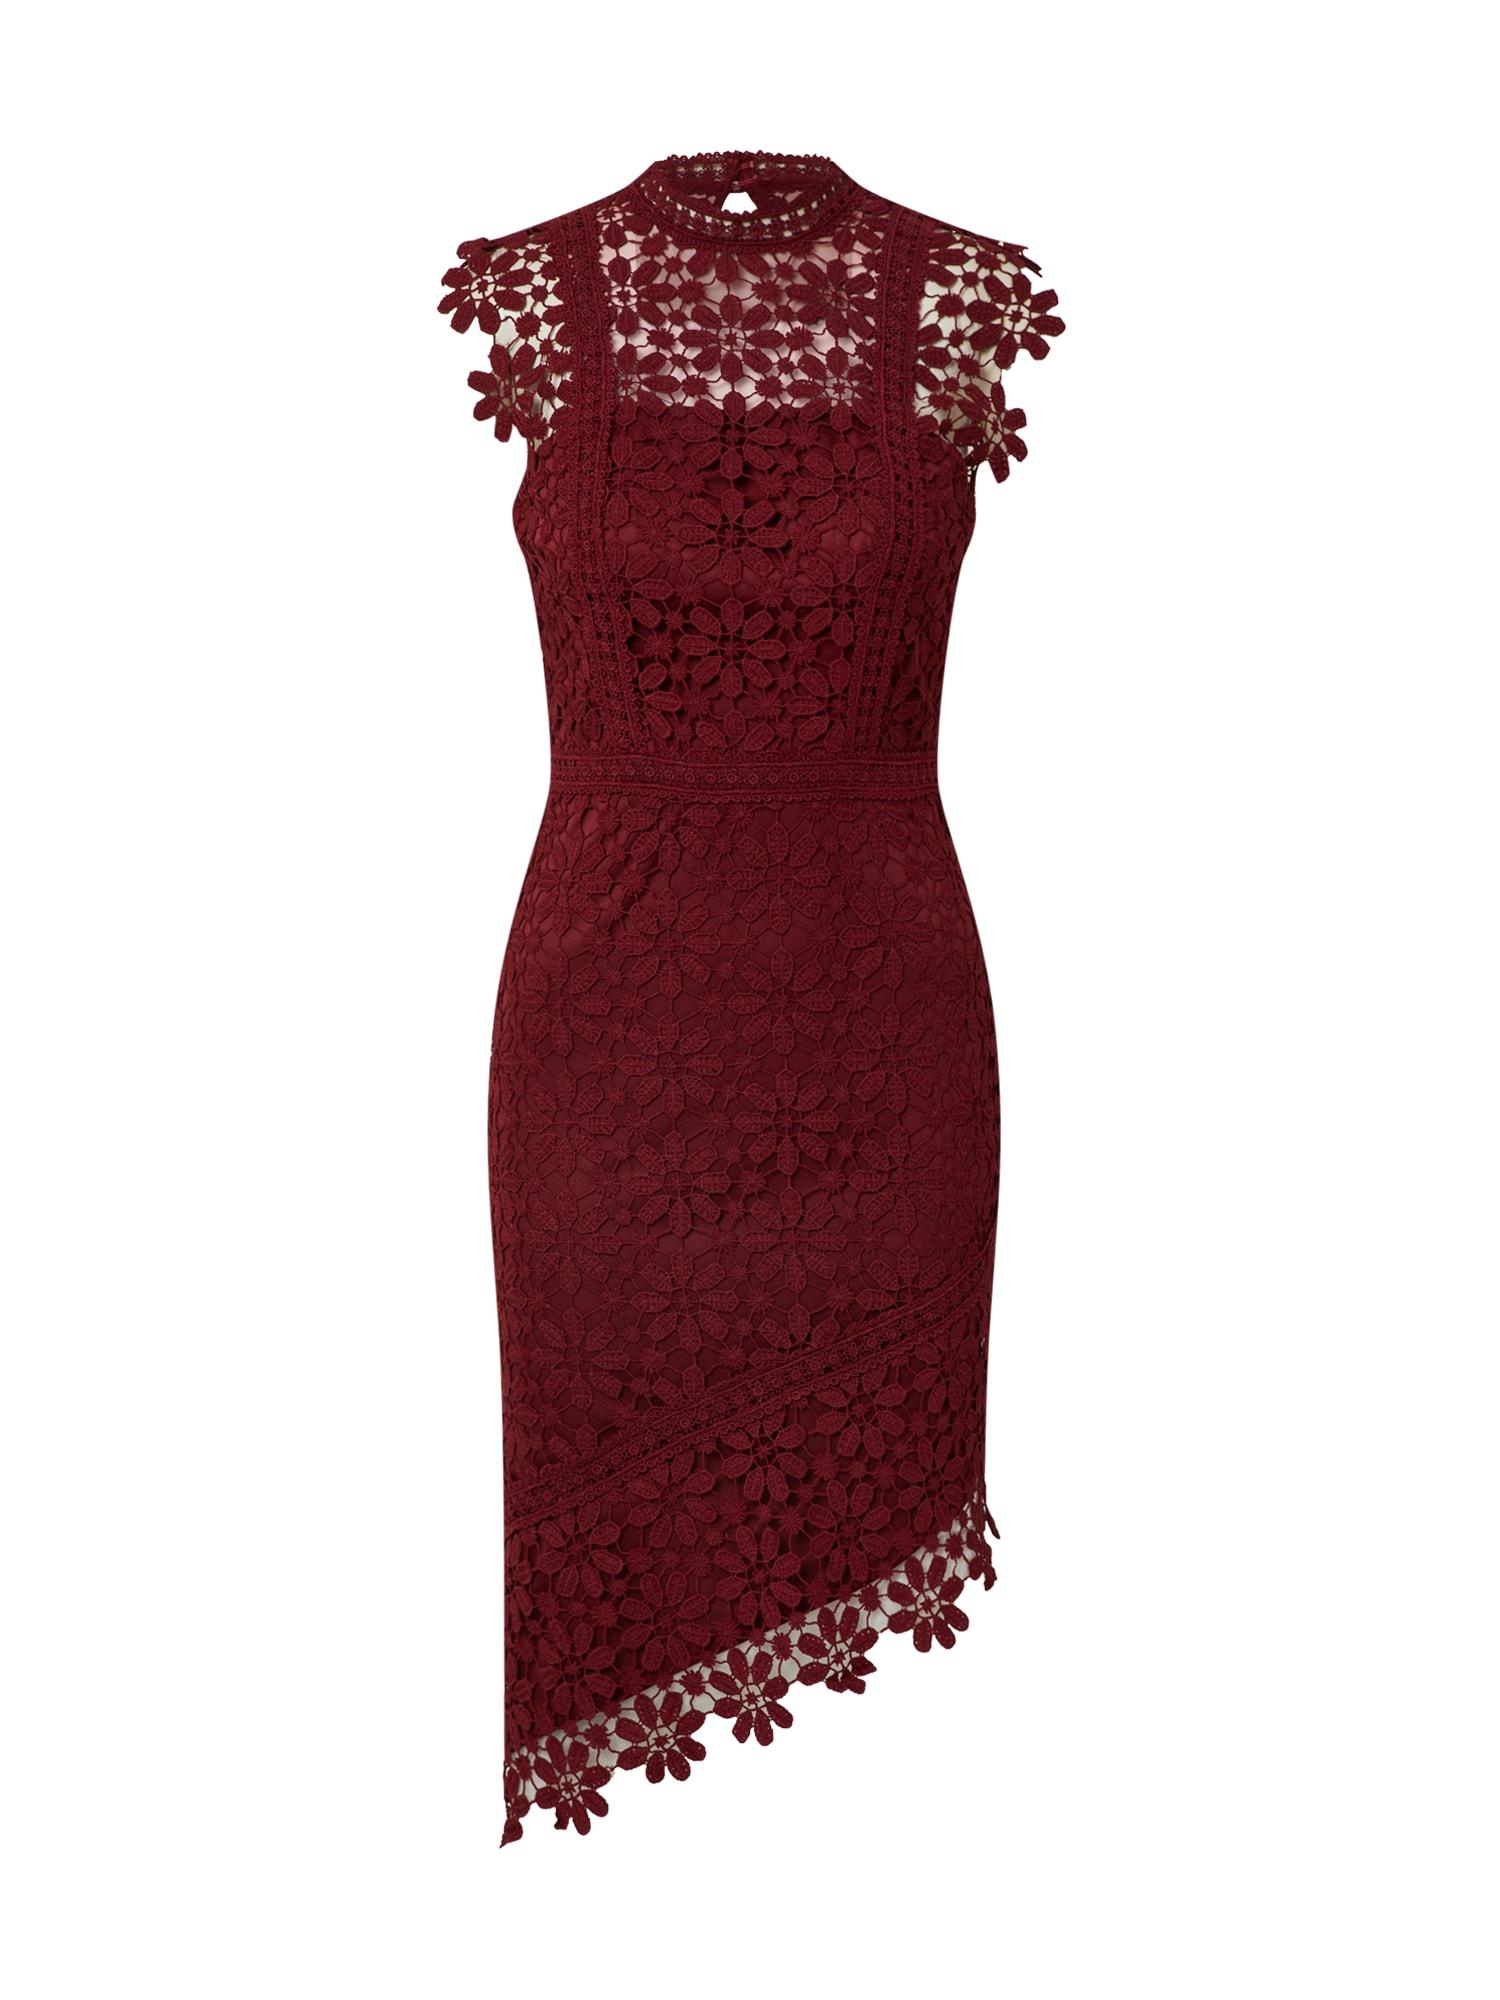 Chi Chi London Kokteilinė suknelė 'Daryl' vyno raudona spalva